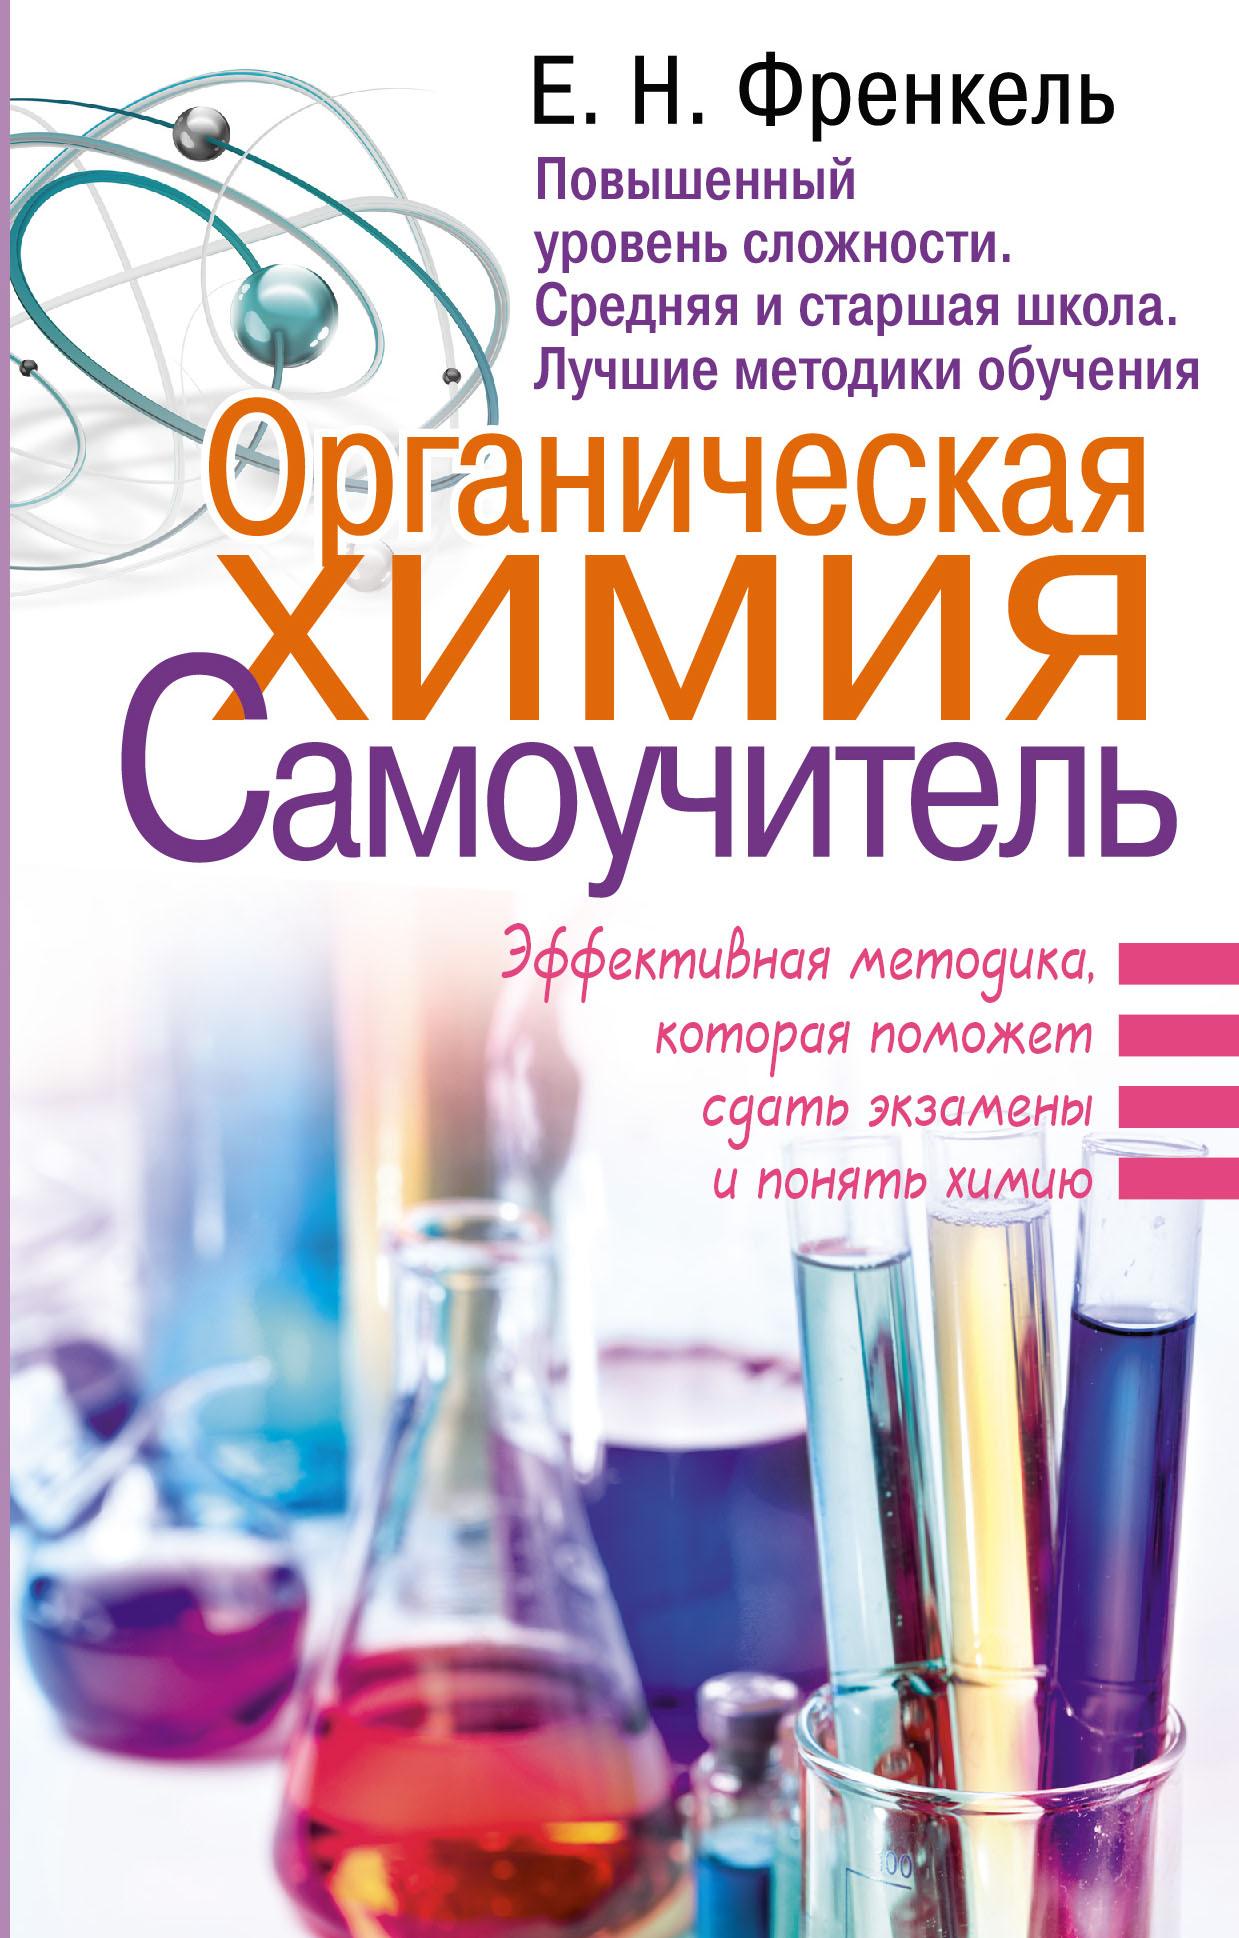 Органическая химия. Самоучитель. Эффективная методика, которая поможет сдать экзамены и понять химию ( Френкель Е.Н.  )